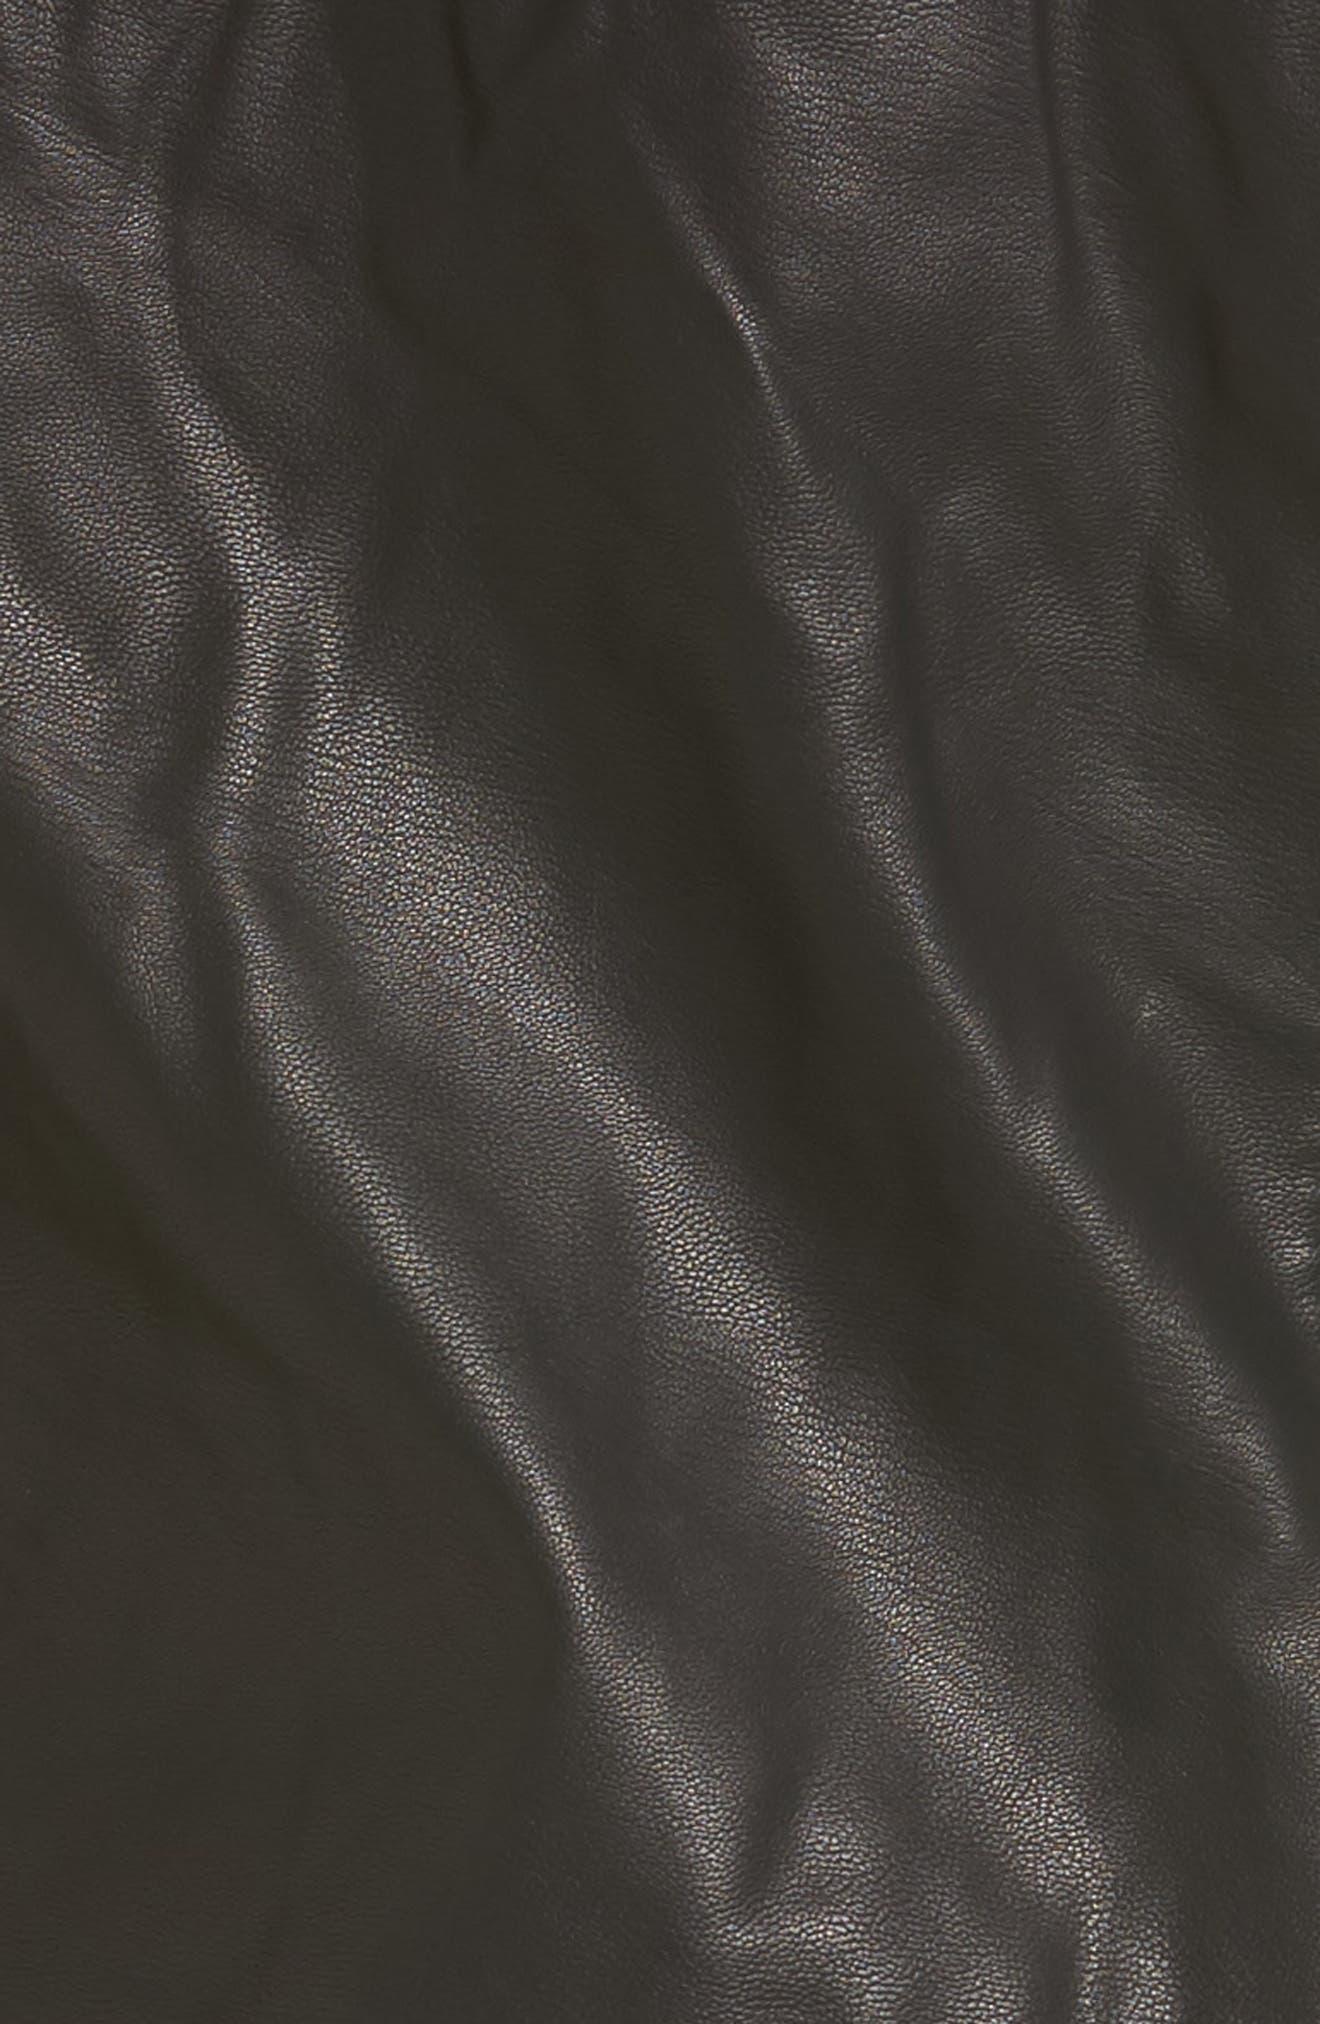 Luna Faux Leather Biker Jacket,                             Alternate thumbnail 5, color,                             Black